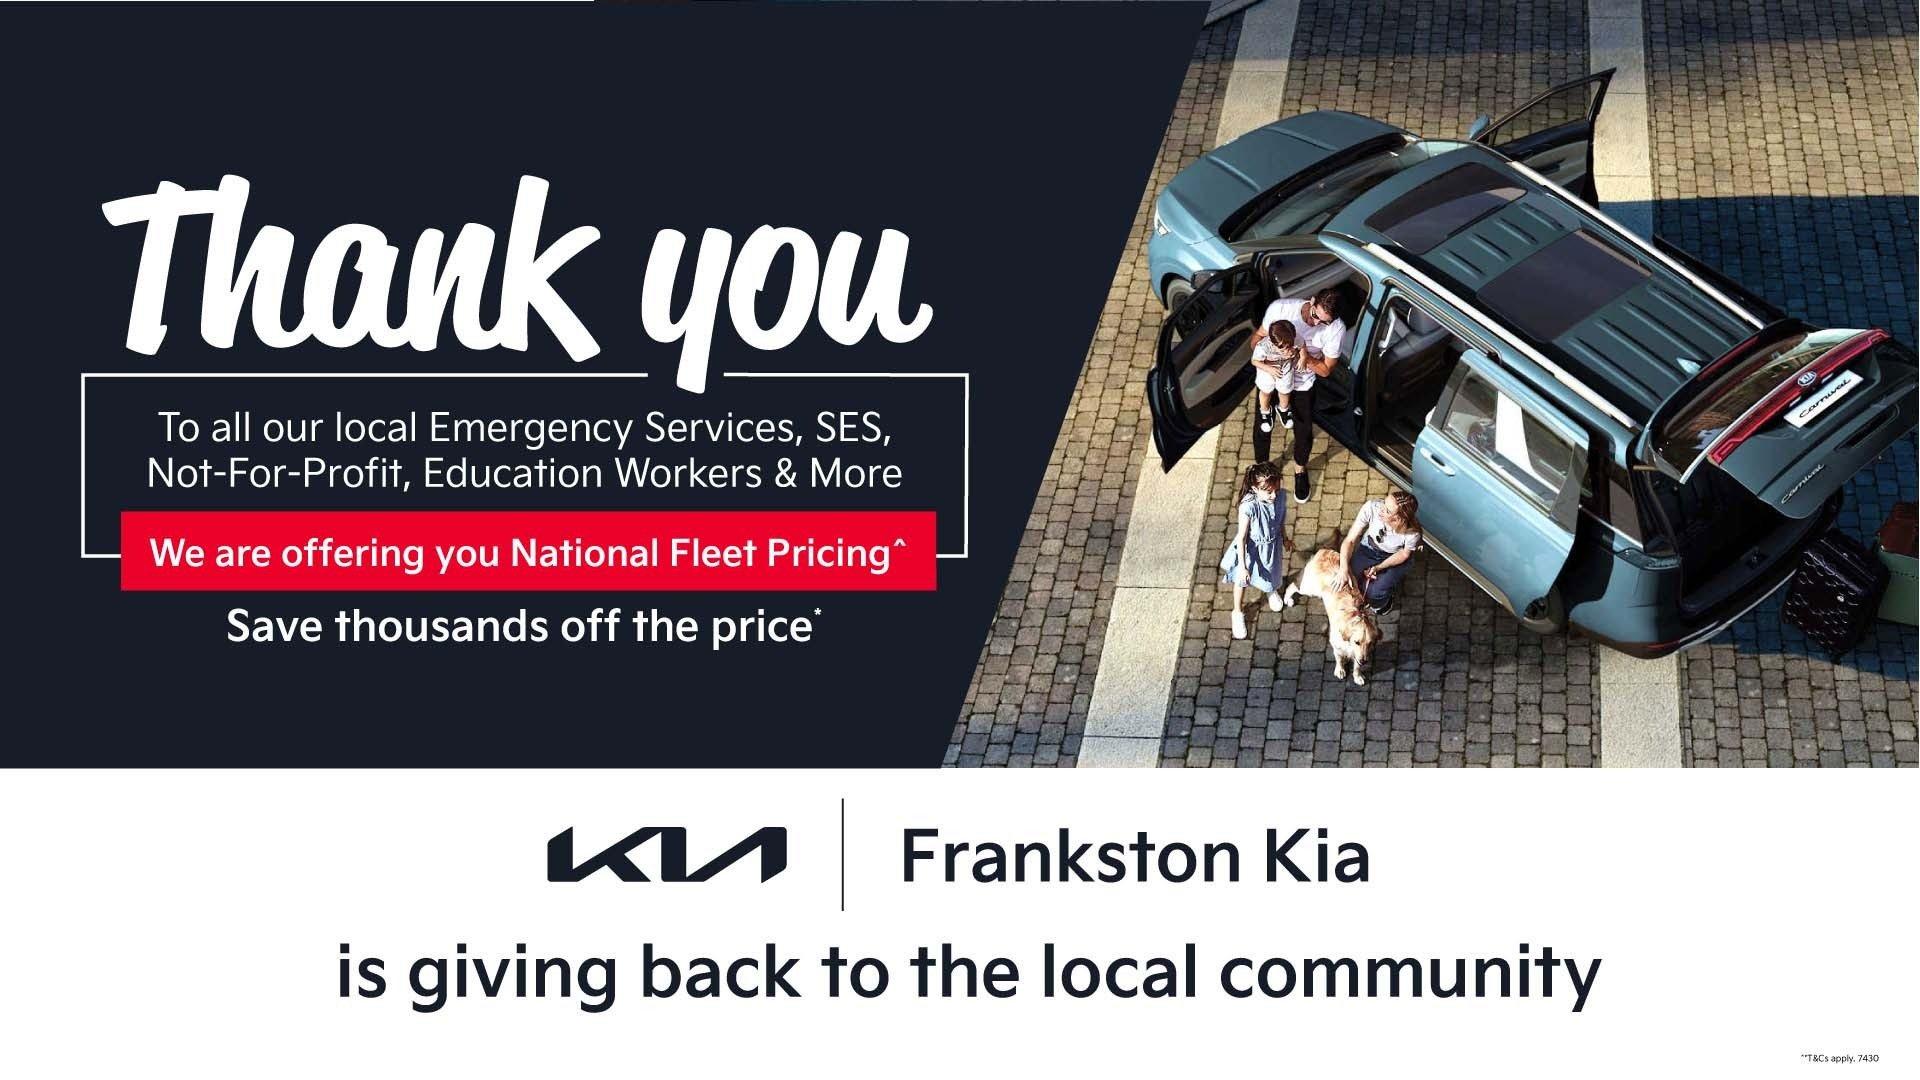 Frankston Kia - Thank You